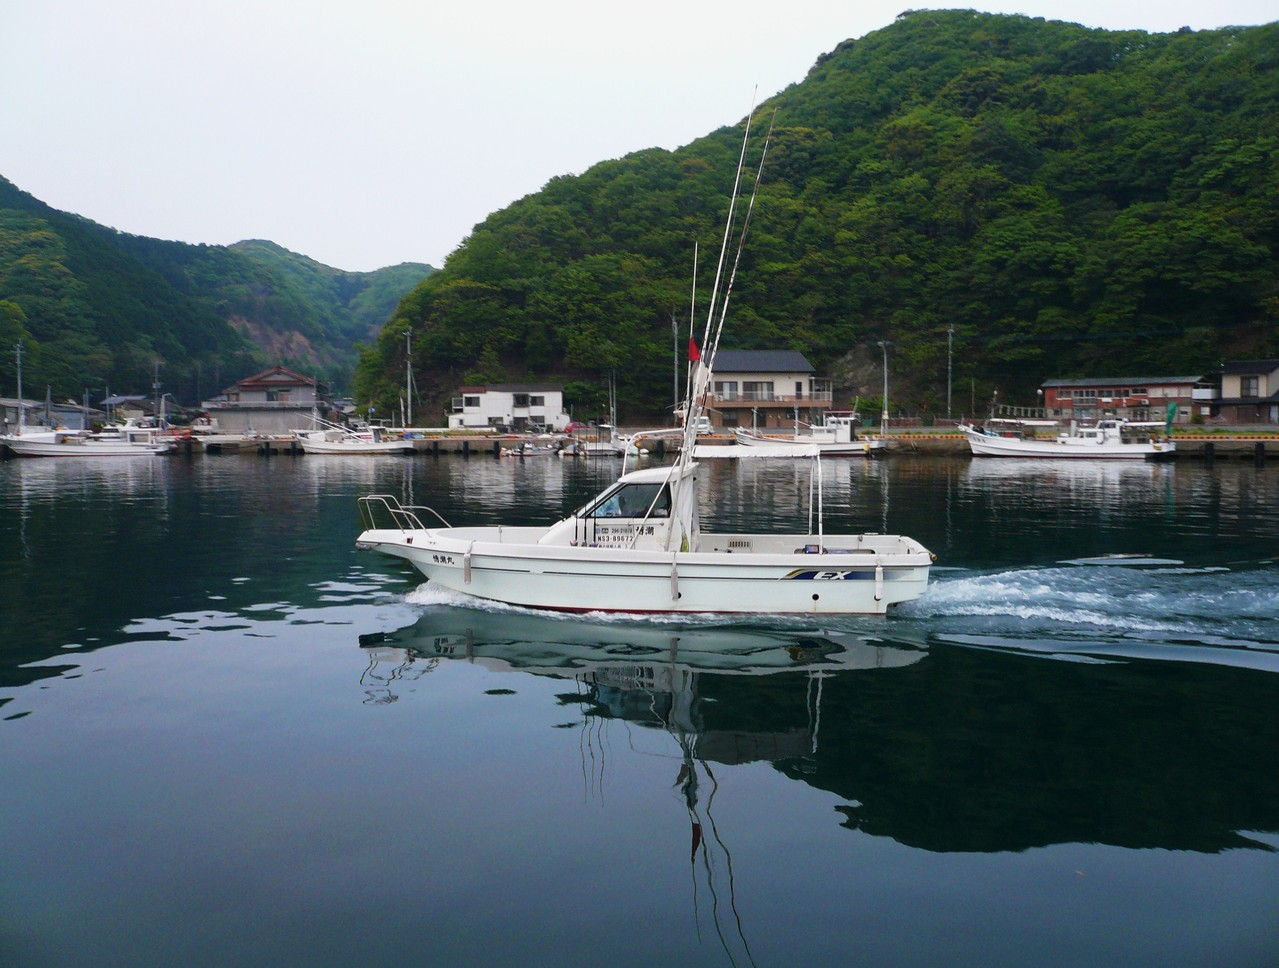 5月4日 レンタルボート博潮丸 トップで挑戦 大物ヒラマサ期待しています